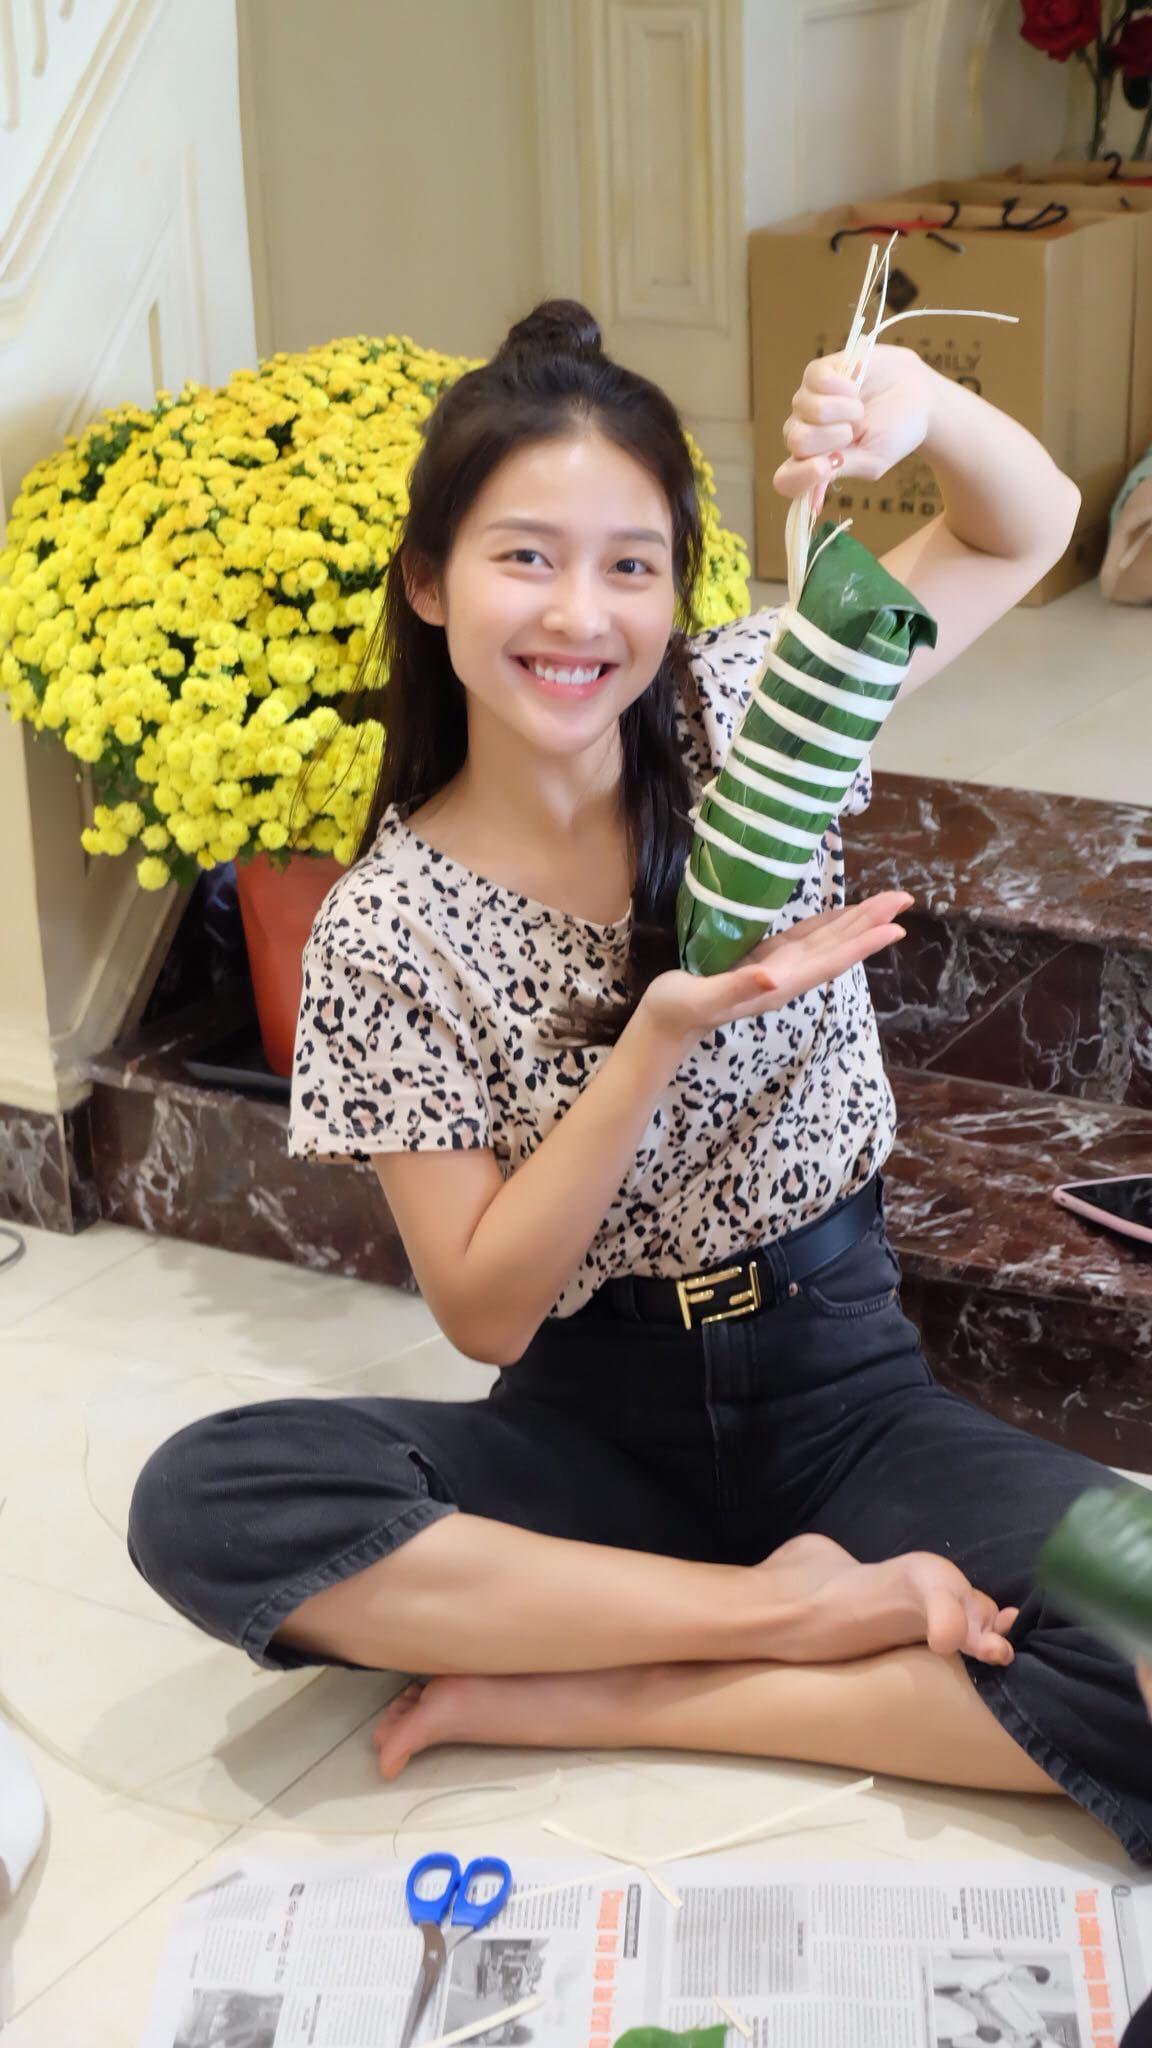 kha ngan - my nhan viet tung dong vaicua song hye kyovao top 100 guong mat dep nhat chau a - 11